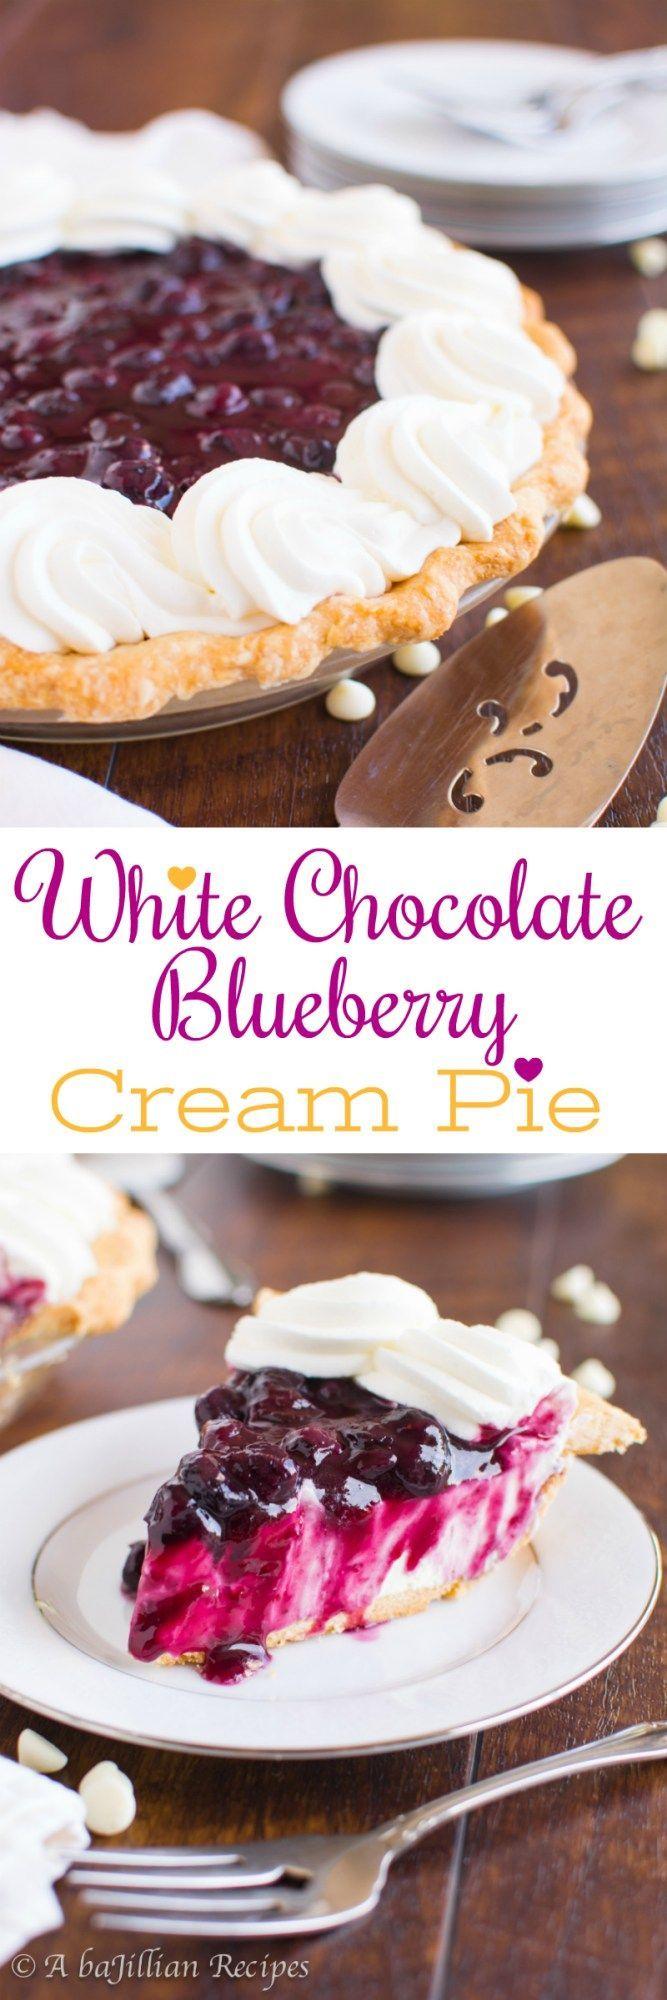 Weiße Schokolade Blueberry Cream Pie – Ein bajillianischer Rezepte (Collage